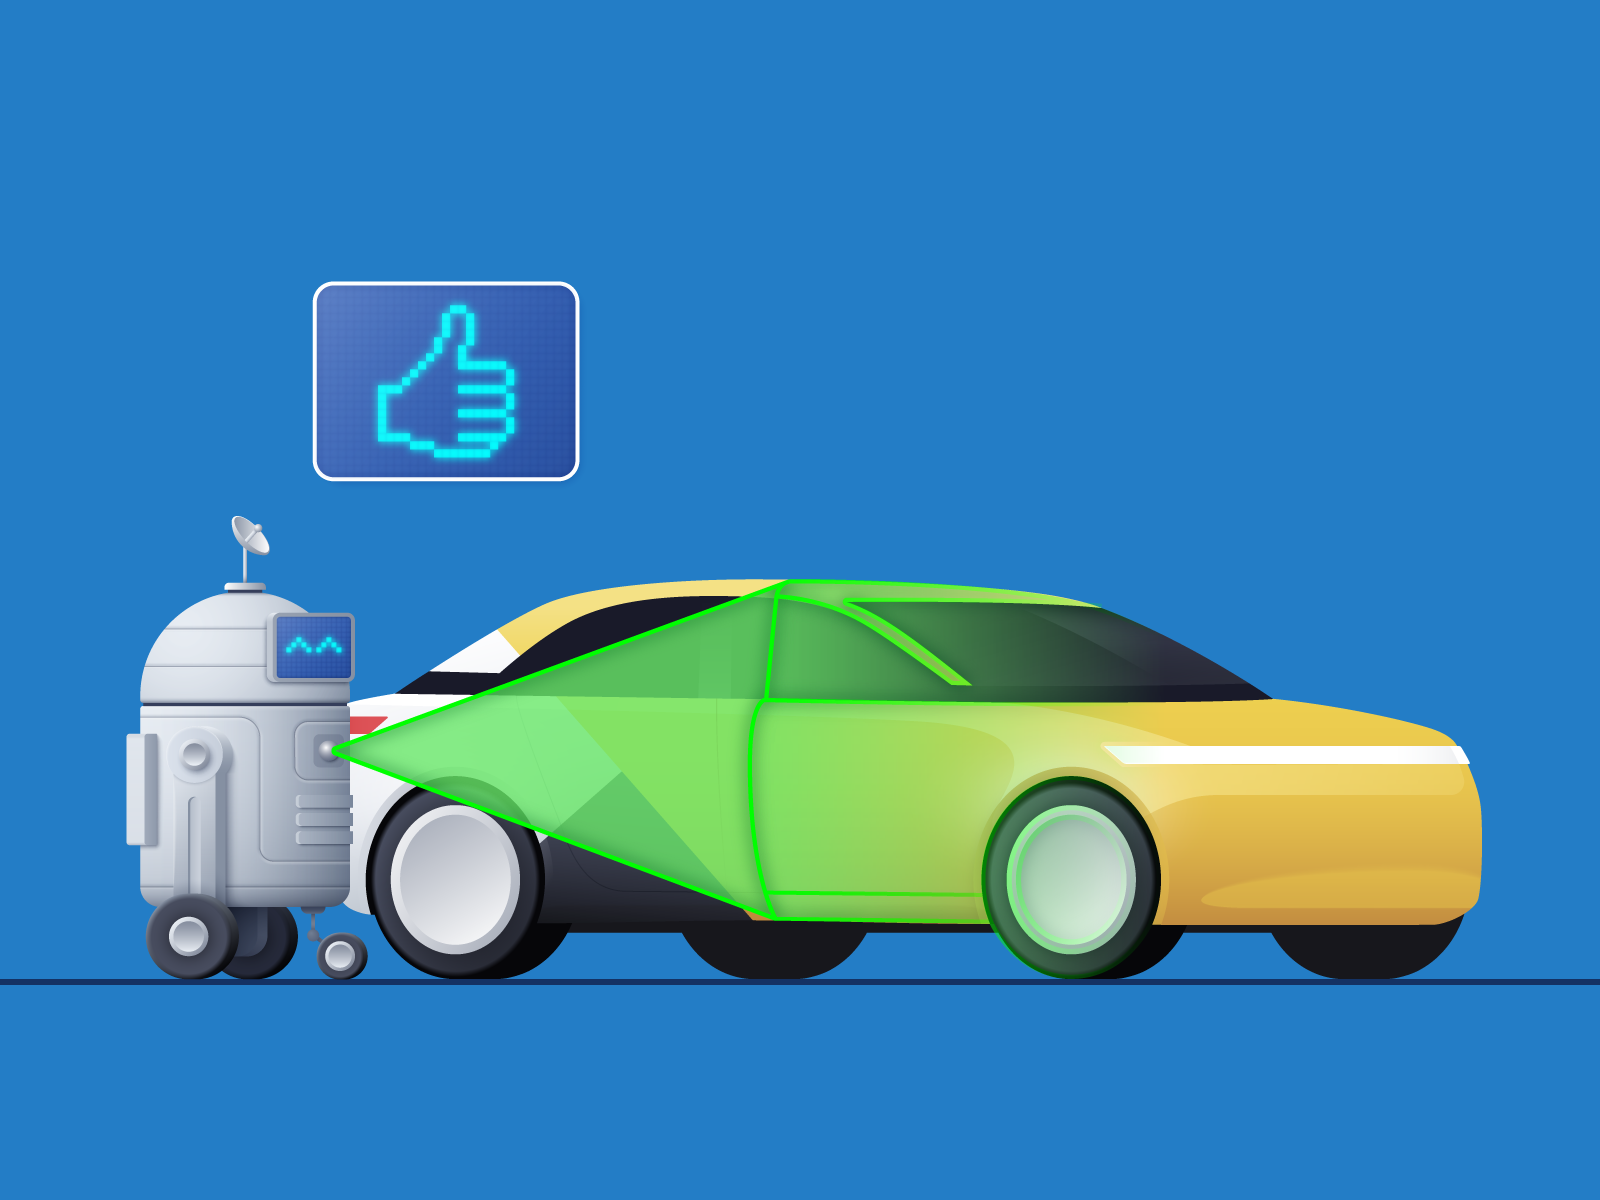 Как с помощью компьютерного зрения оценить состояние автомобиля. Опыт Яндекс.Такси